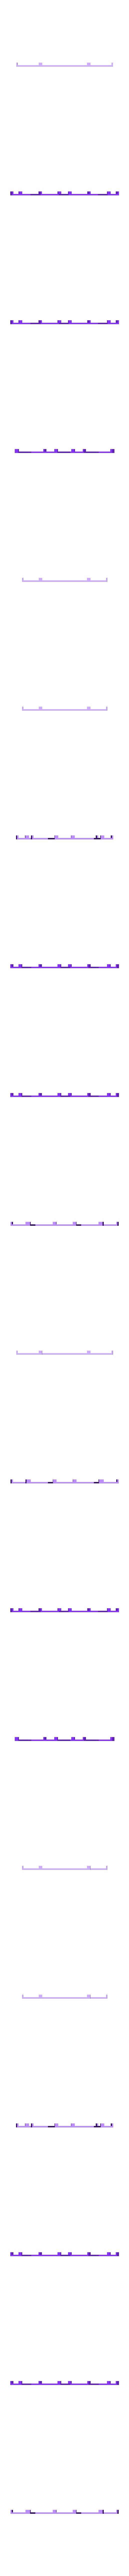 Frame_top.STL Télécharger fichier STL gratuit Agitateur magnétique de bricolage • Objet imprimable en 3D, Cerragh